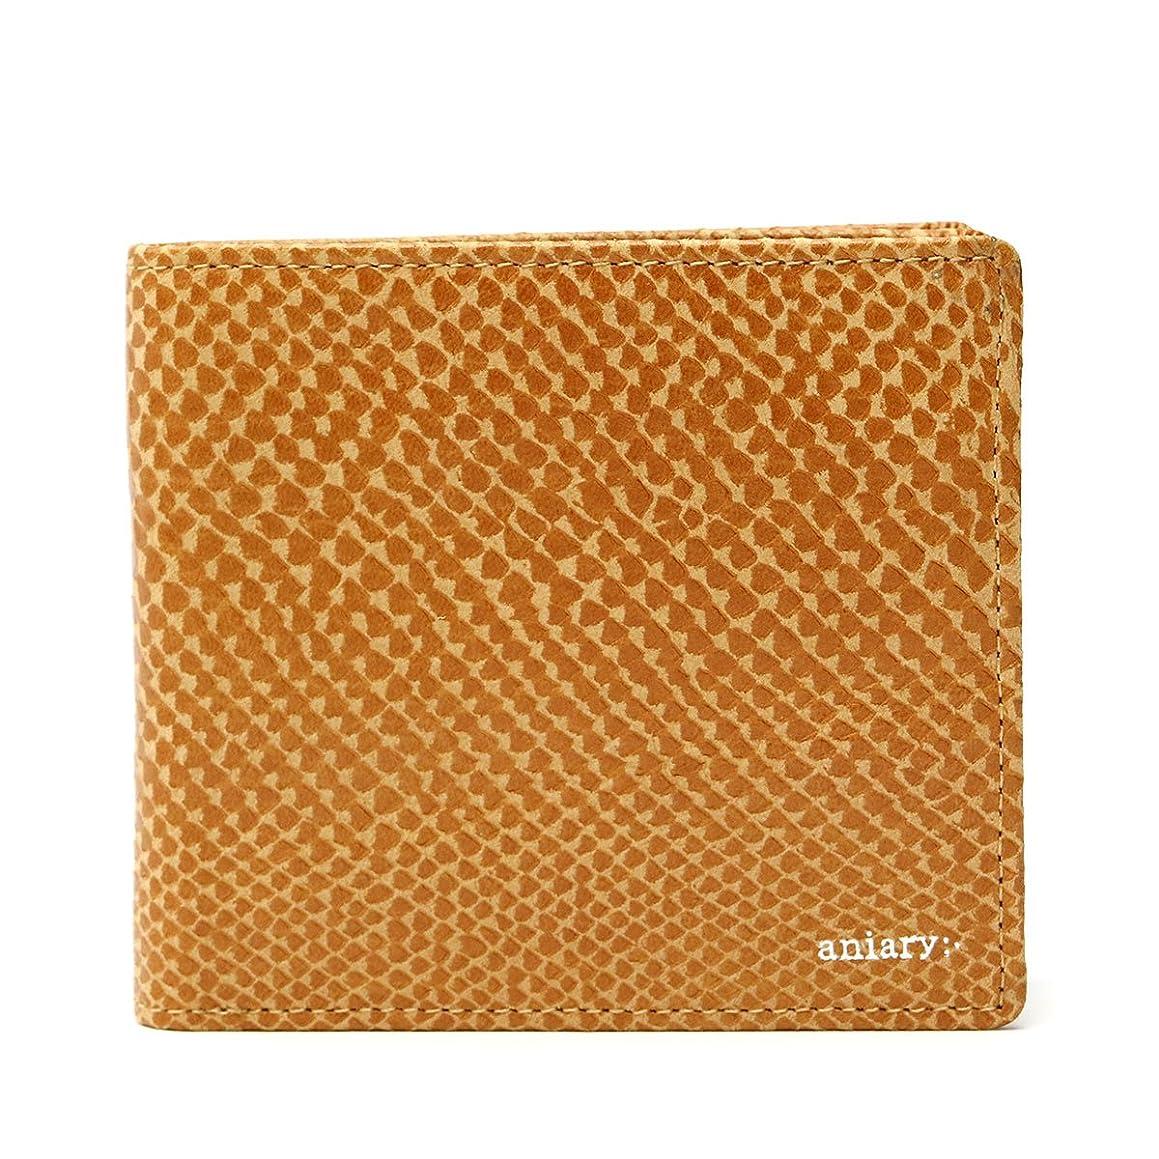 ポーチ所有者切手[アニアリ] 二つ折り財布 スケイルレザー 18-20000